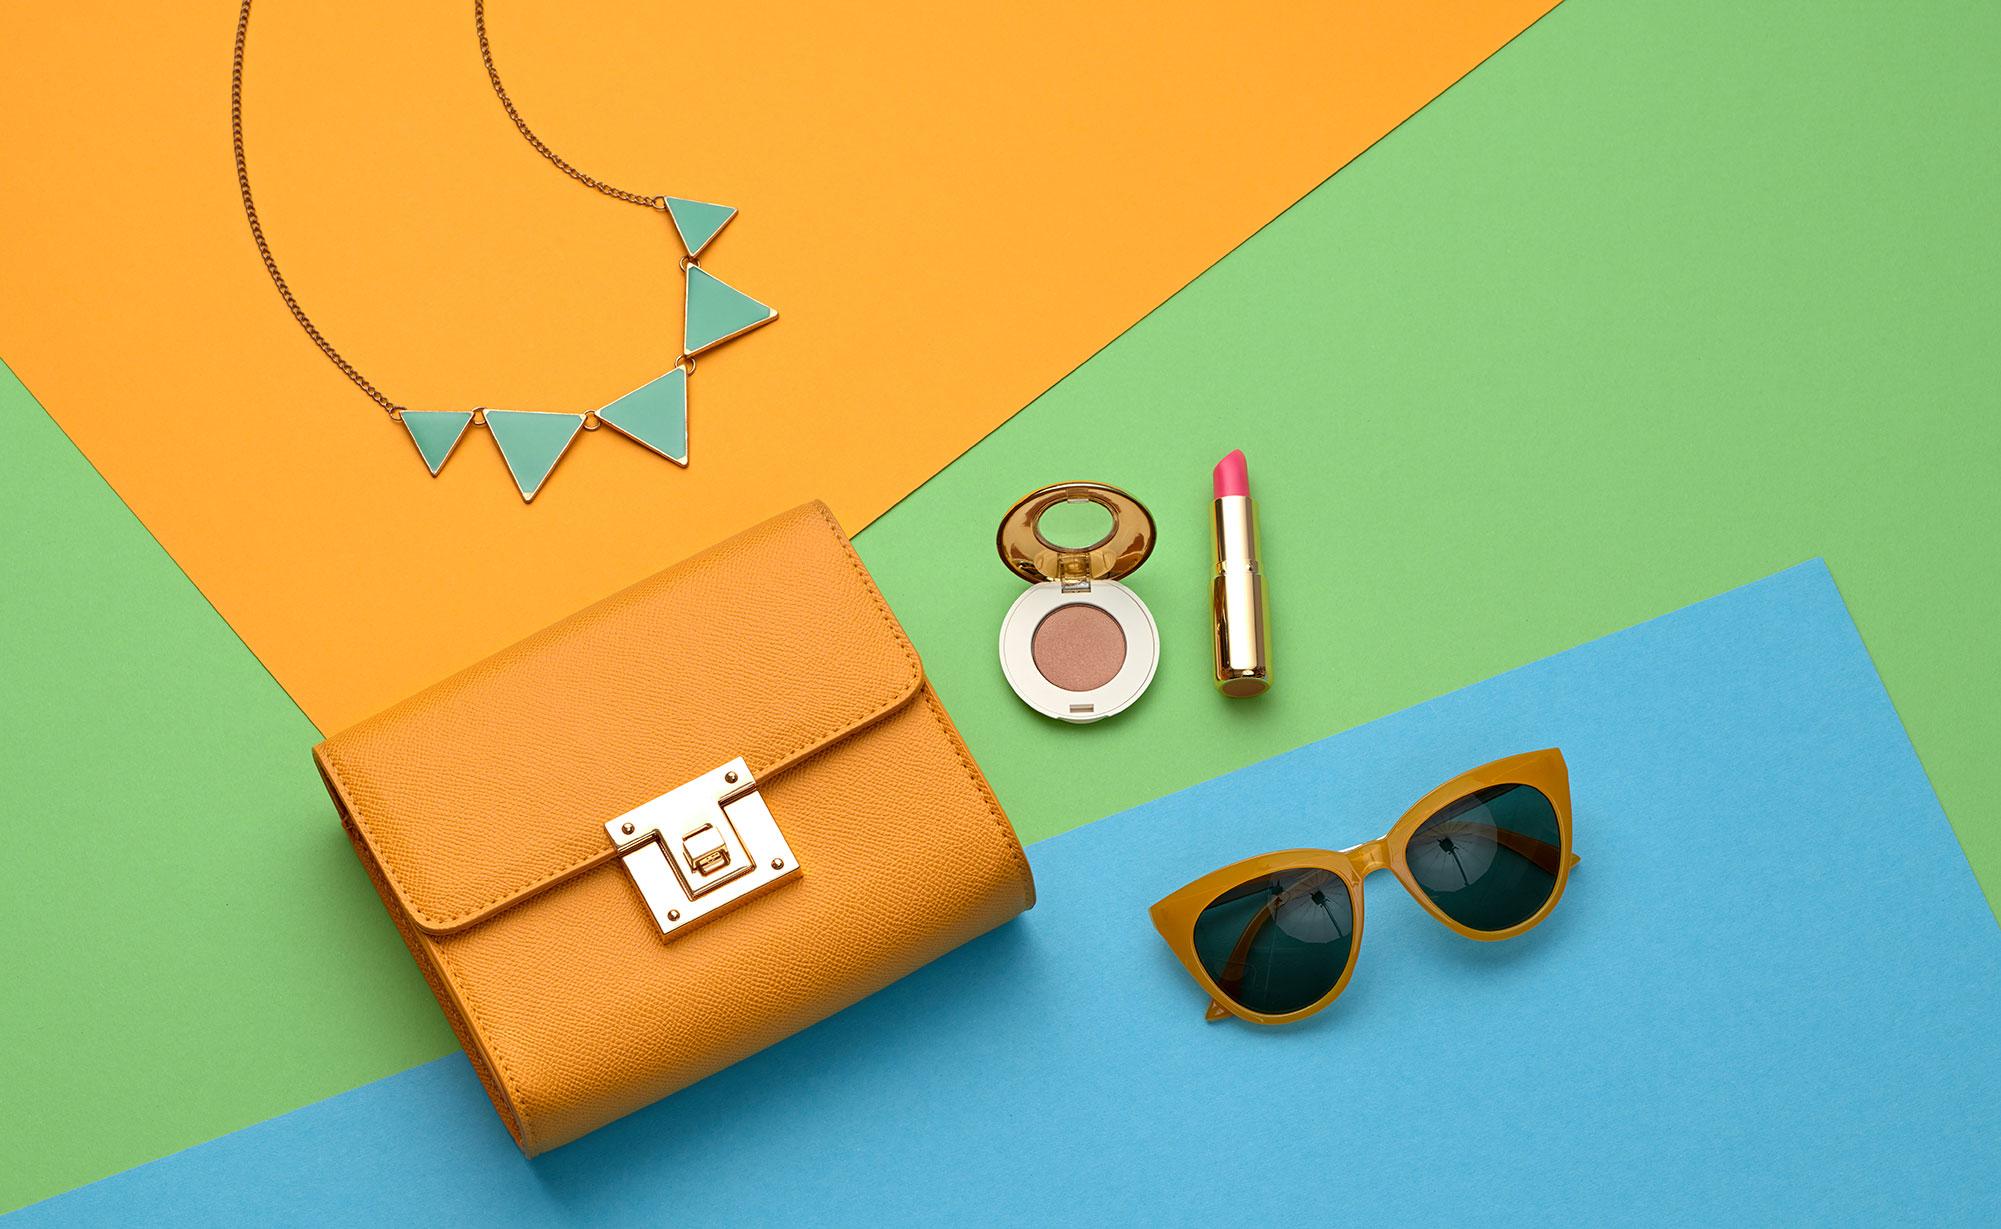 accessories-3B32JX9.jpg